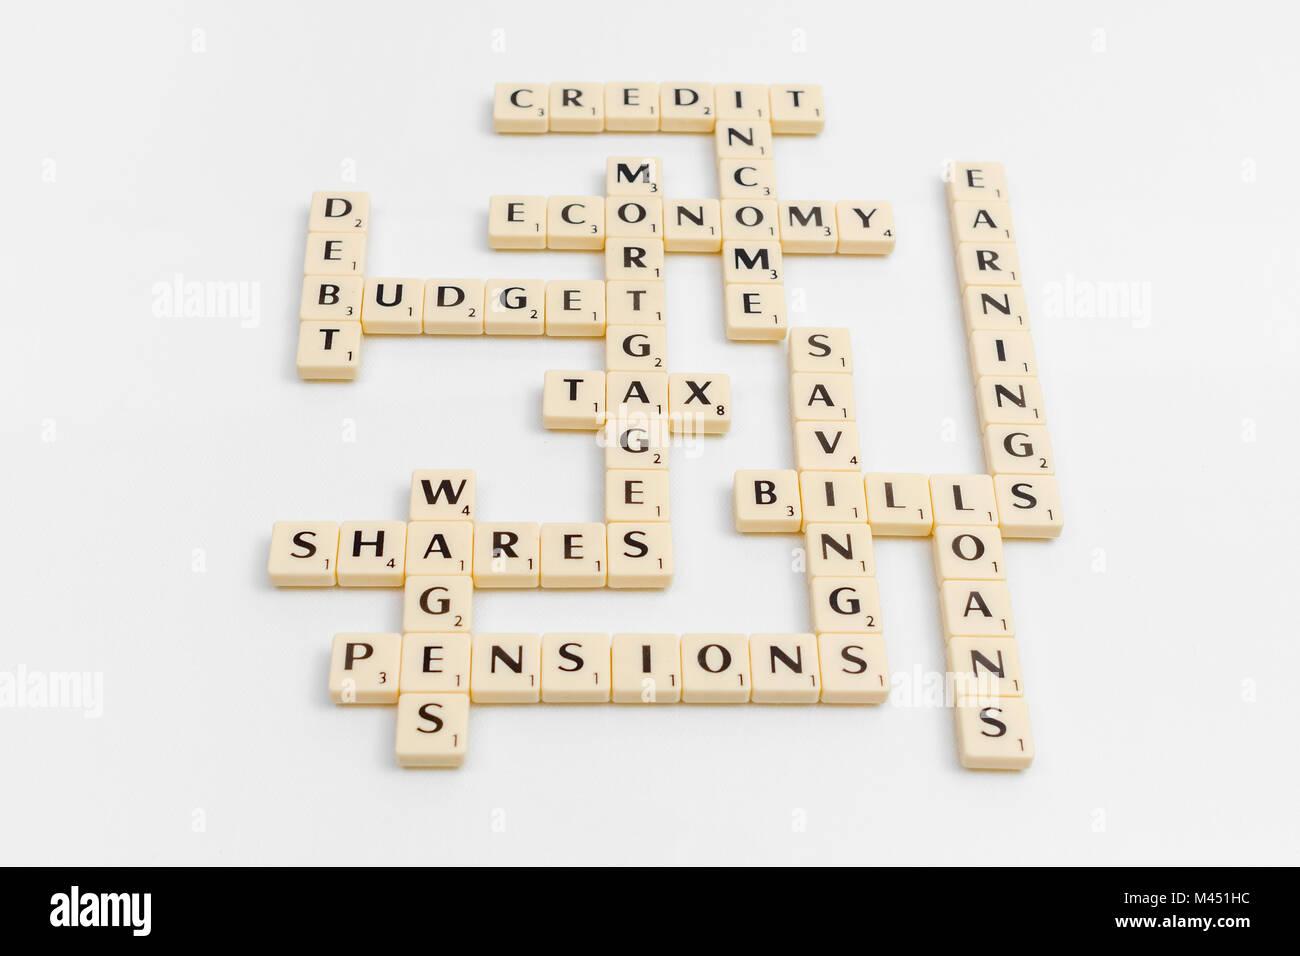 Alphabet Fliesen, die Finanzinstrumente, über die finanziellen Geld verwandte Begriffe. Finanzielle Terminologie, Stockfoto